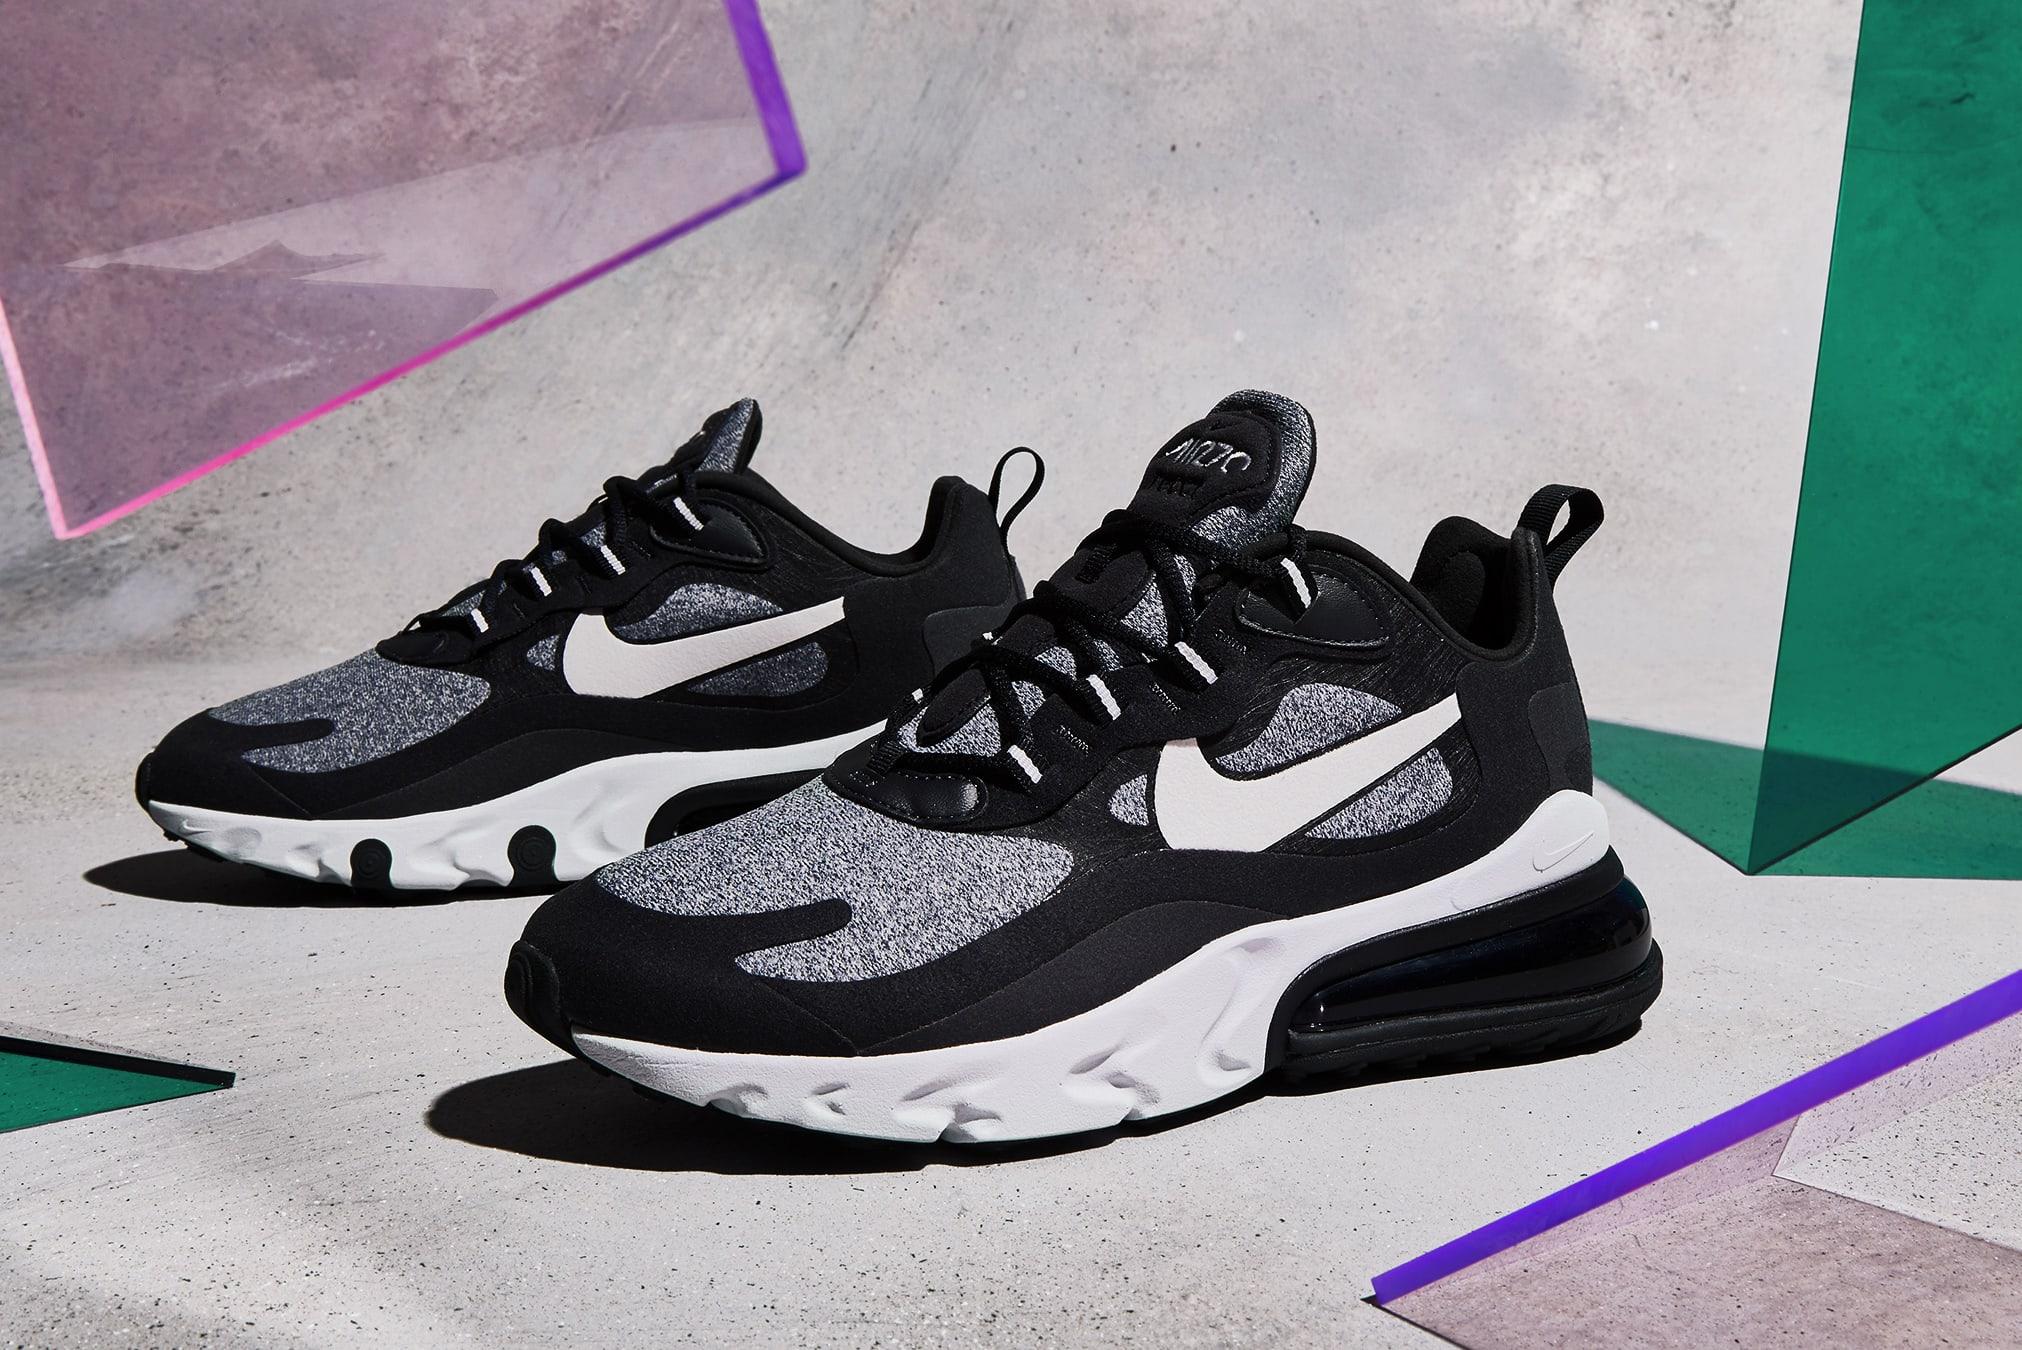 Nike Air Max 270 React - AT6174-001